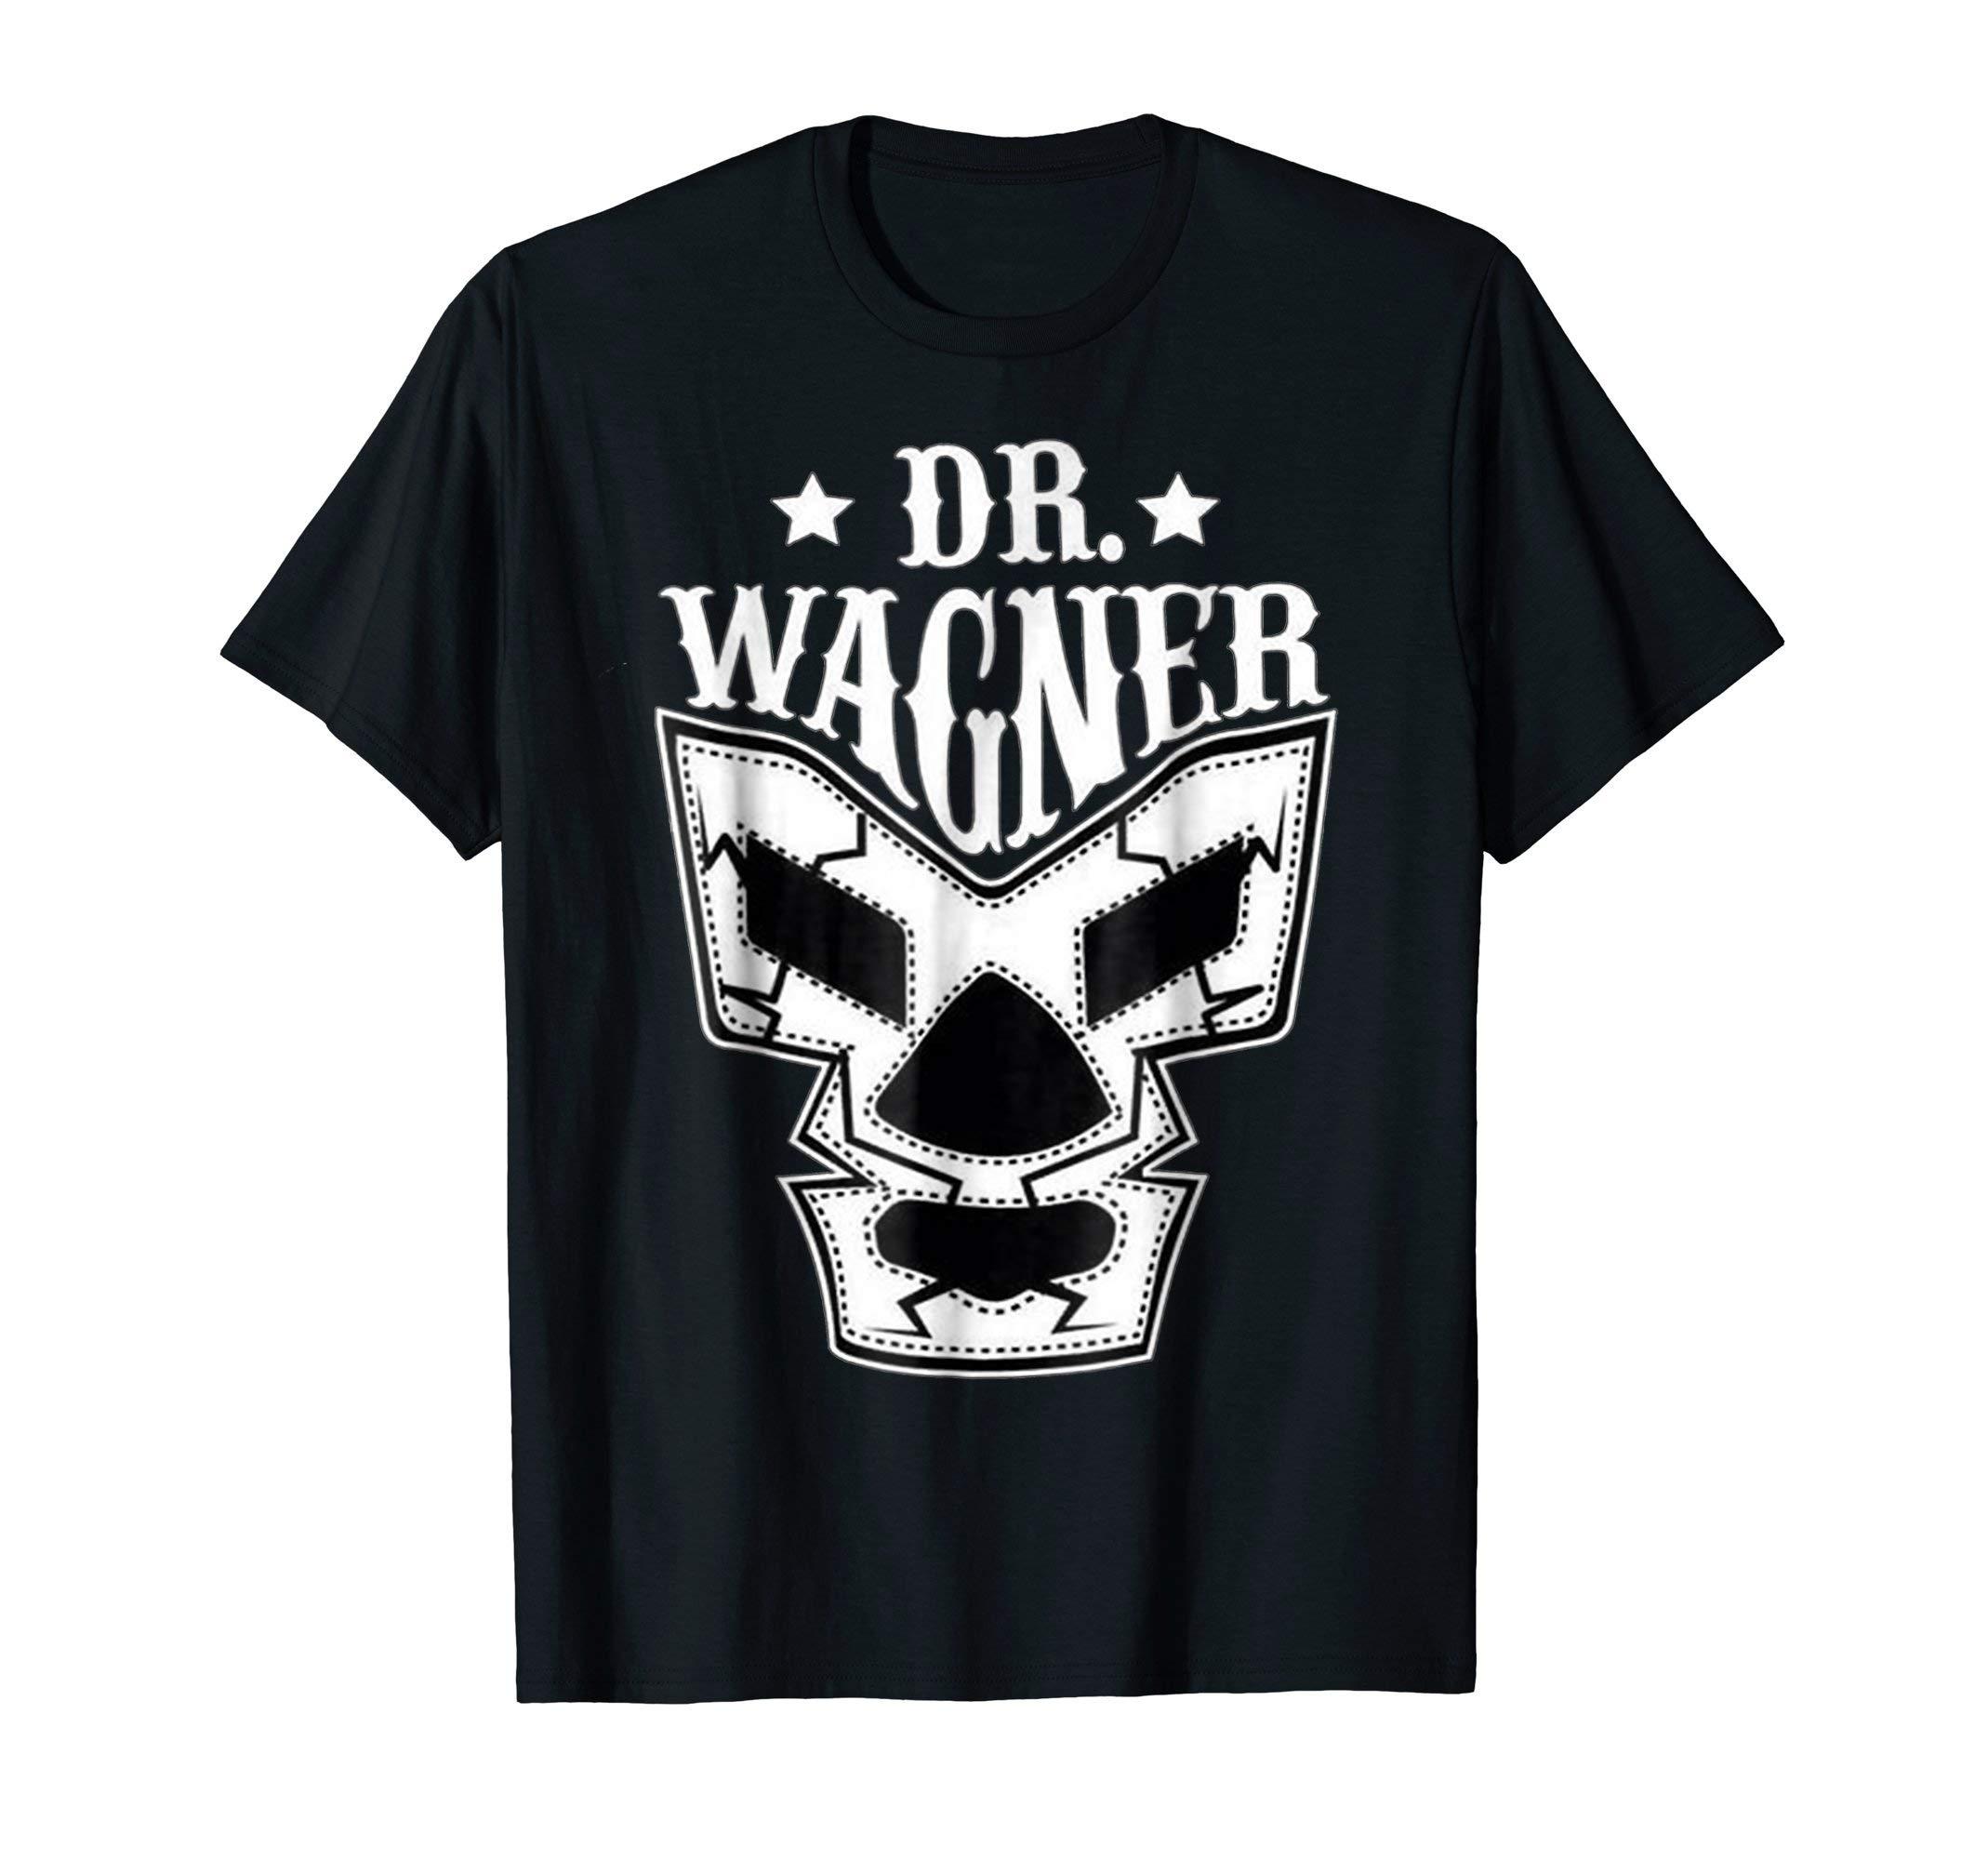 DR WAGNER REY WAGNER LUCHA LIBRE WRESTLING MEXICAN LEGEND by DR WAGNER LUCHA LIBRE WRESTLER KING WAGNER T-SHIRT